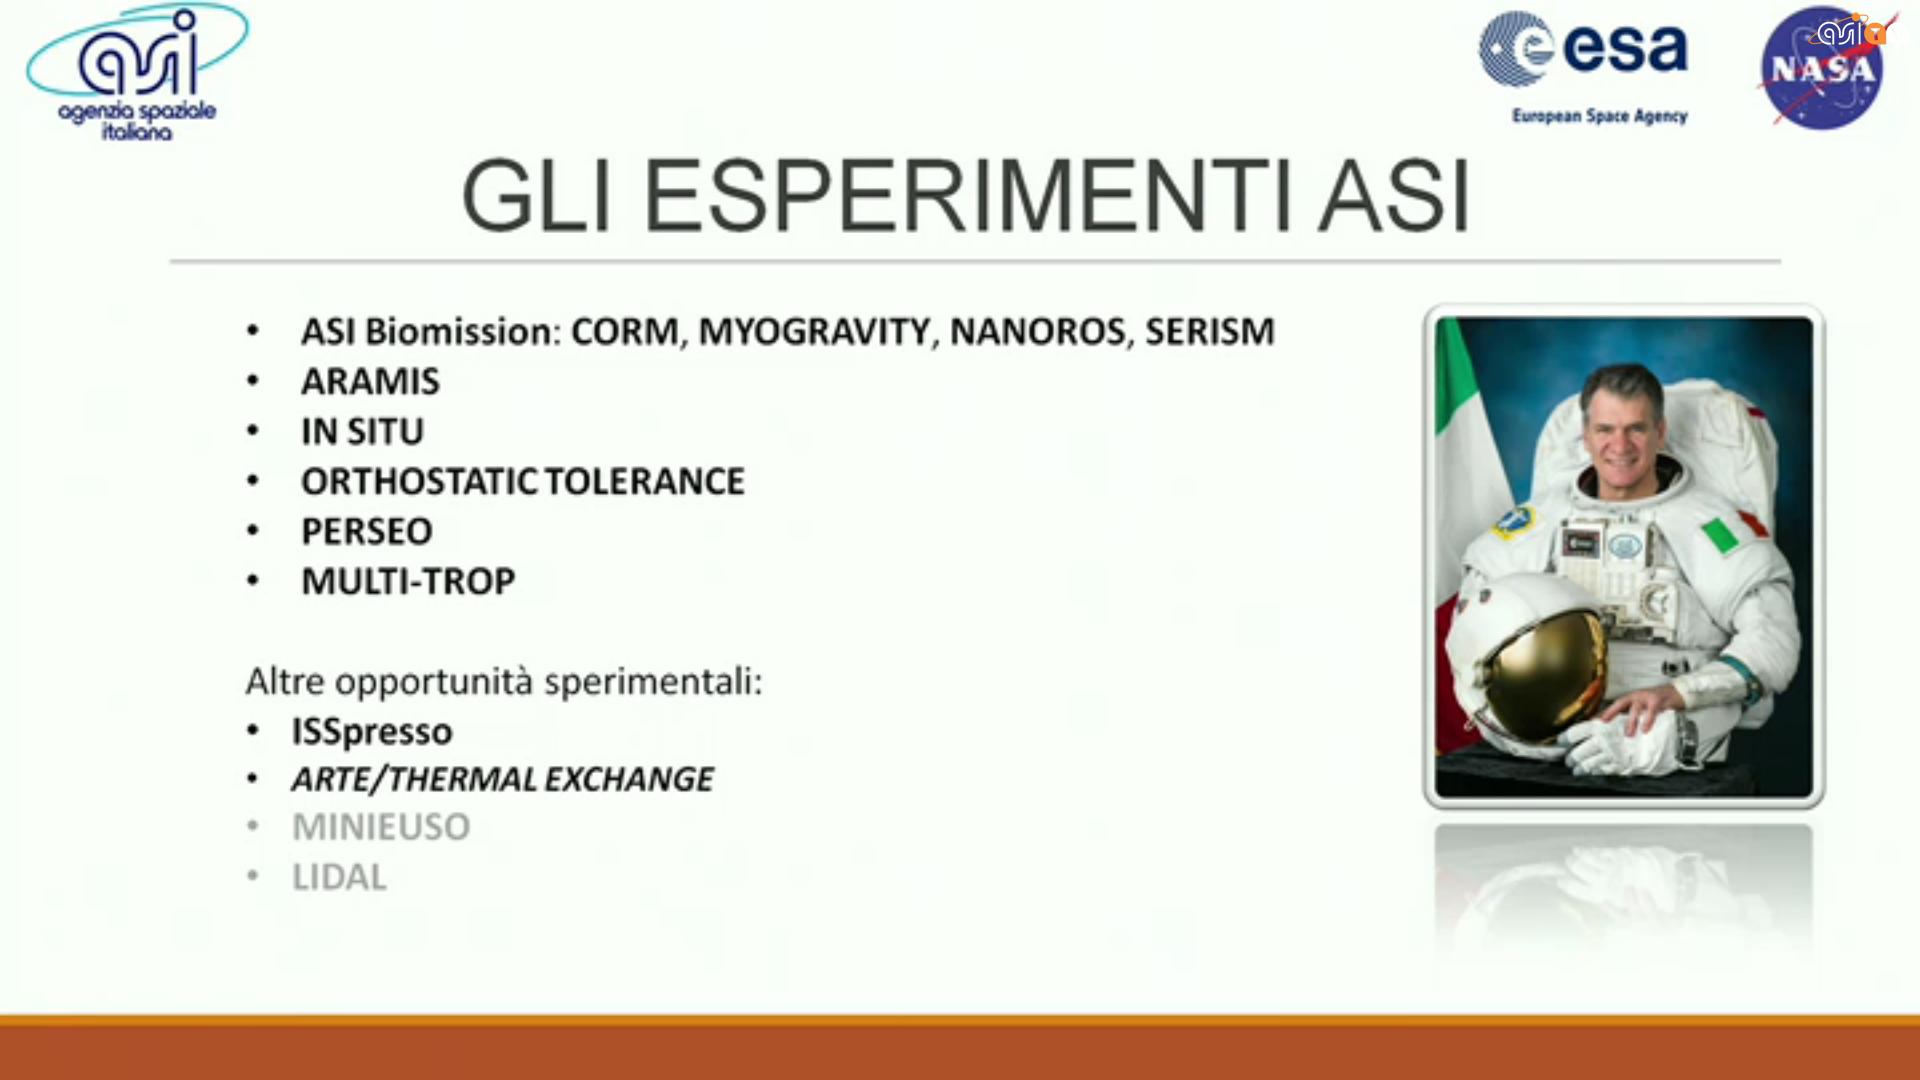 Gli esperimenti ASI della missione VITA.